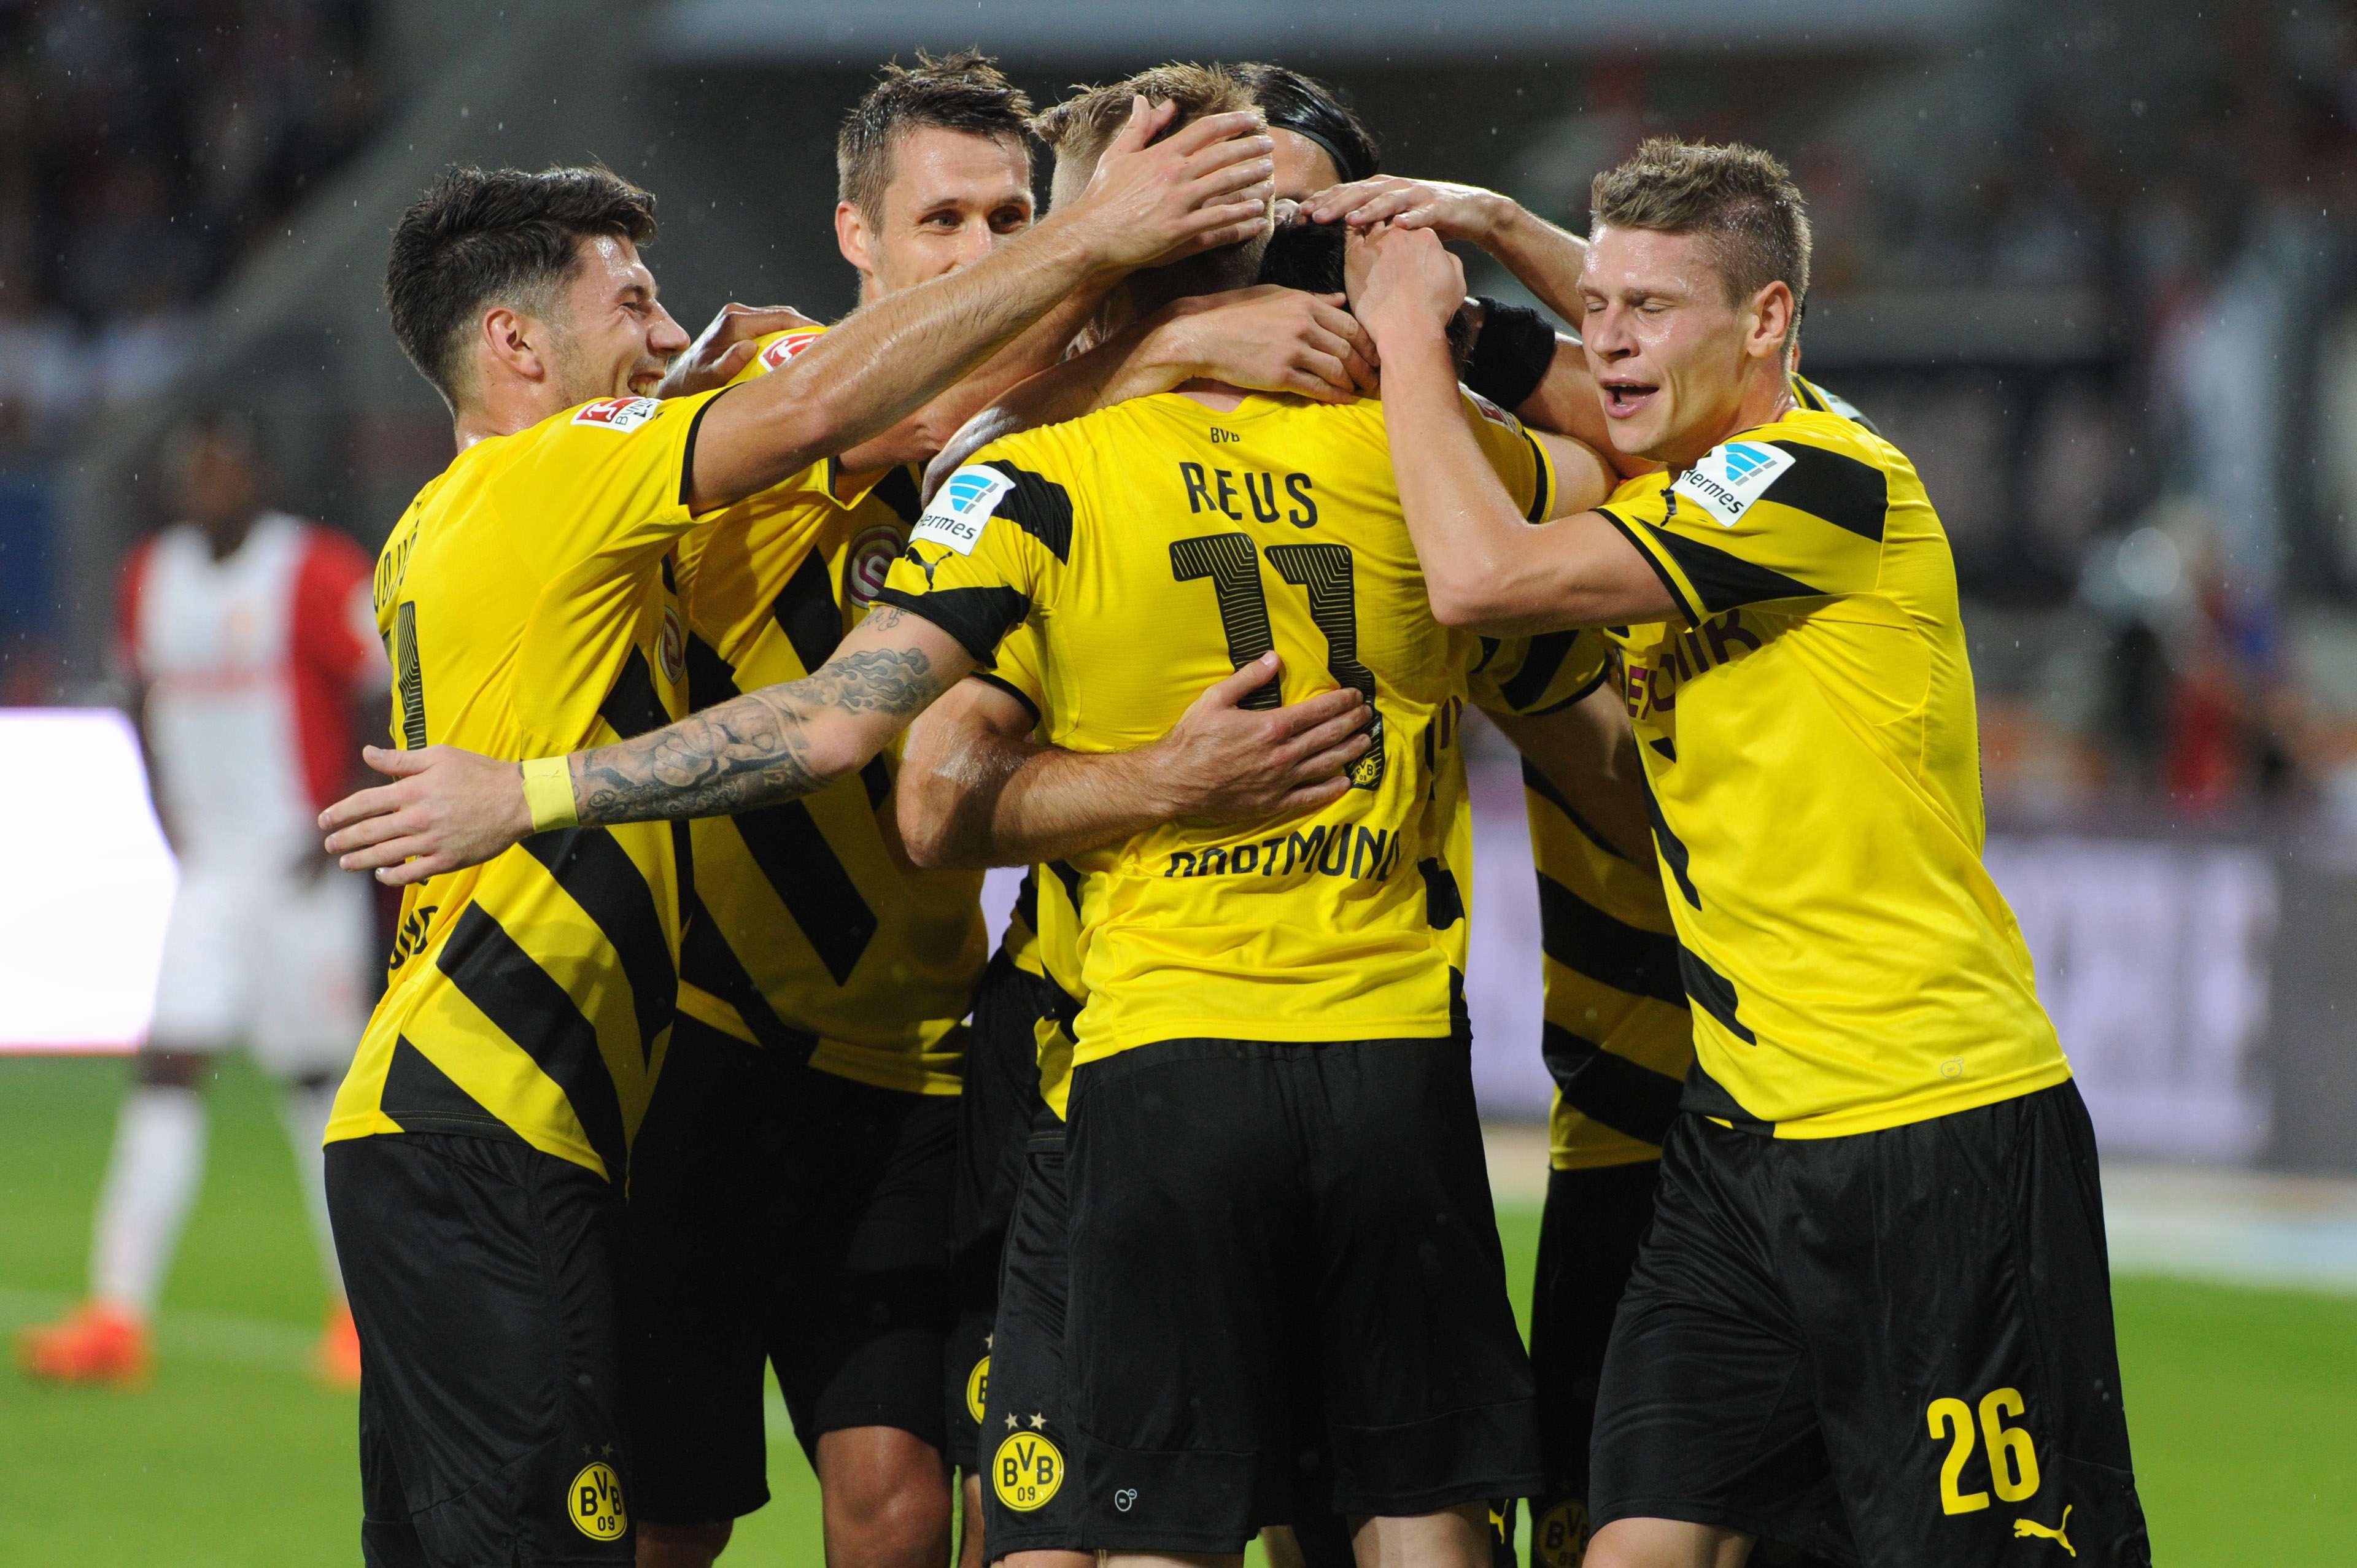 Borussia Dortmund obtiene su primer triunfo en la Bundesliga